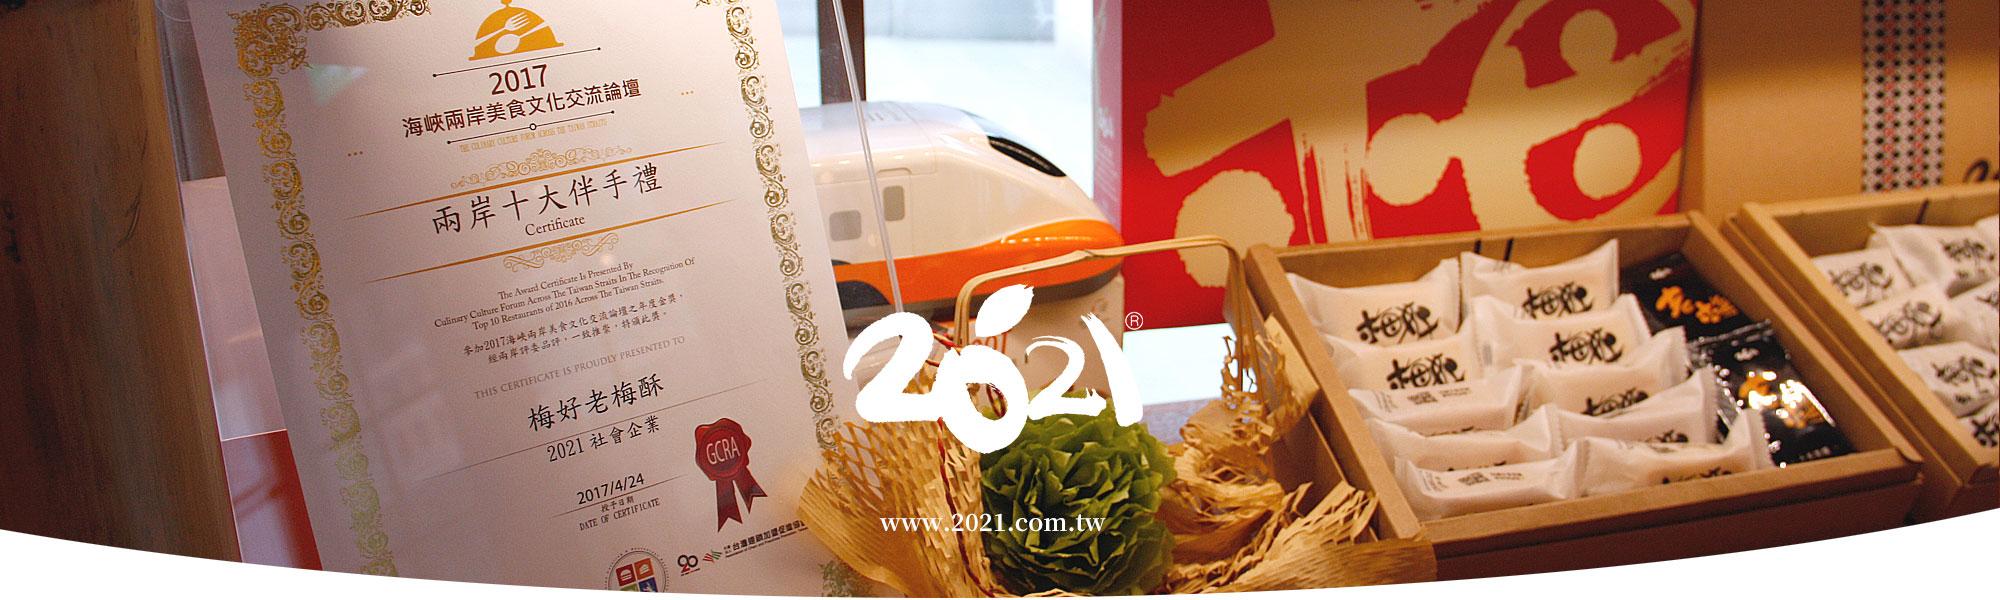 2021合作夥伴-感謝一路以來相伴的企業夥伴持續與我們一起分享更多在地的梅好。